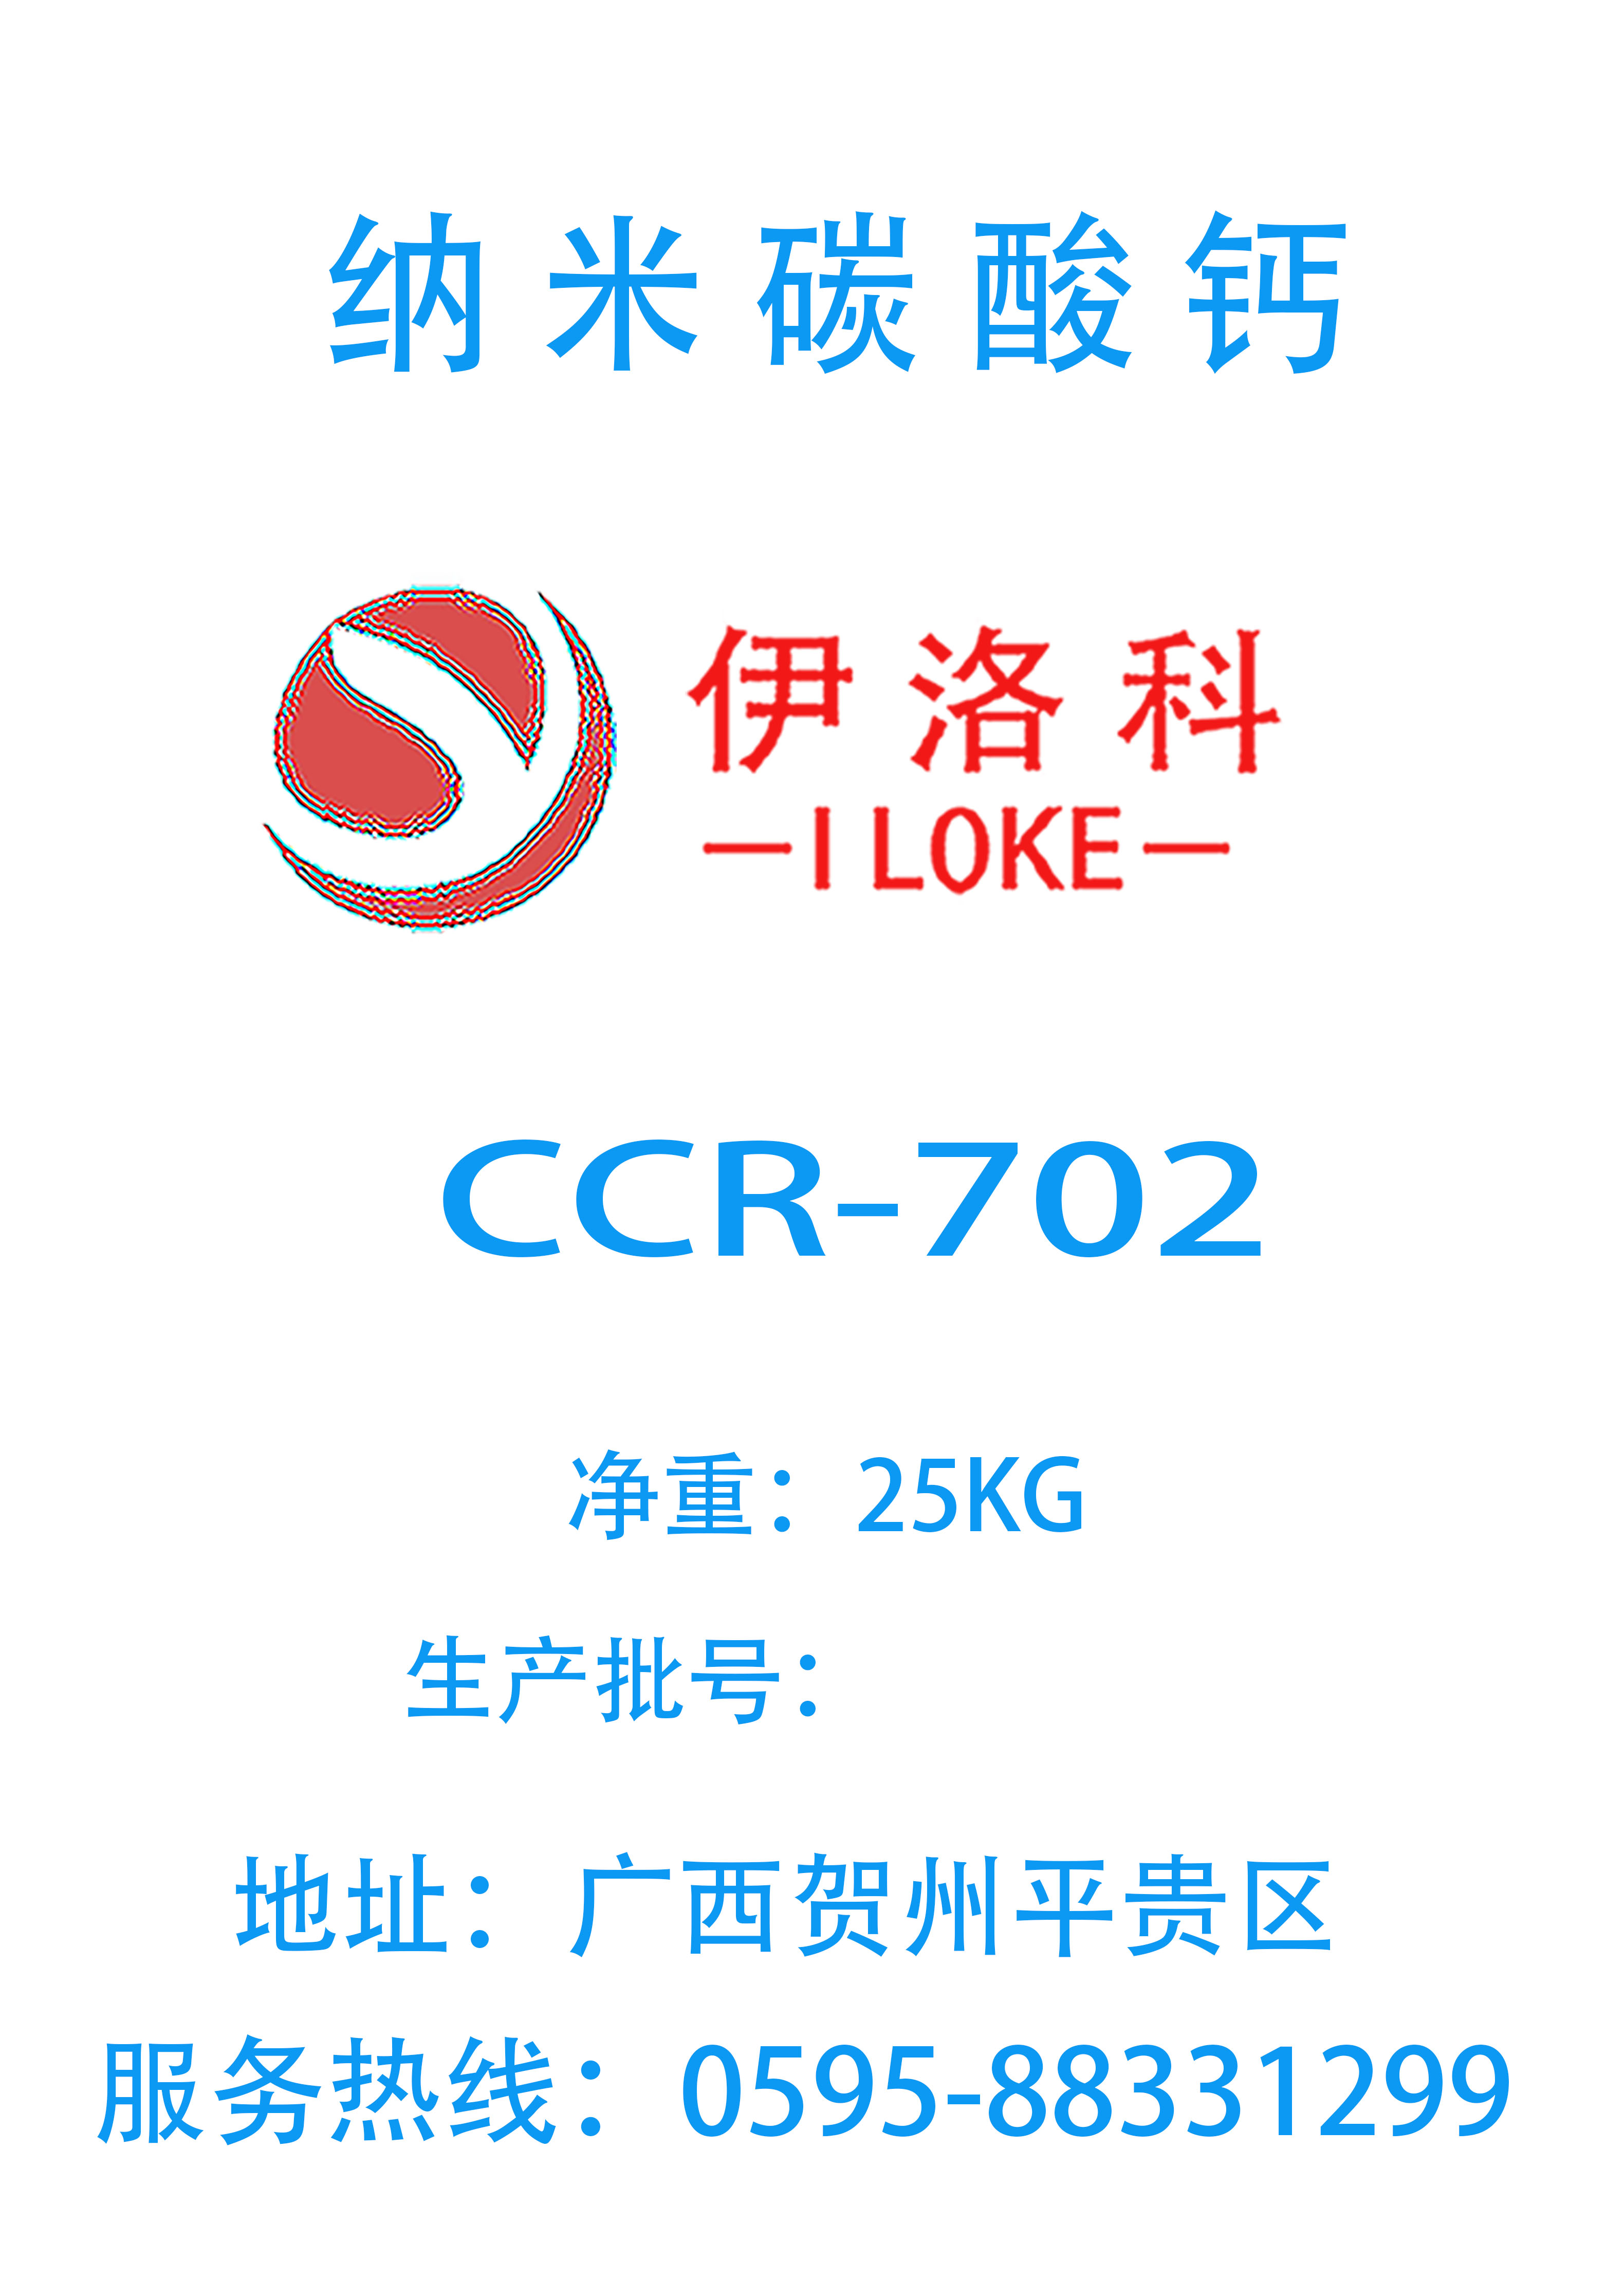 ccr-702